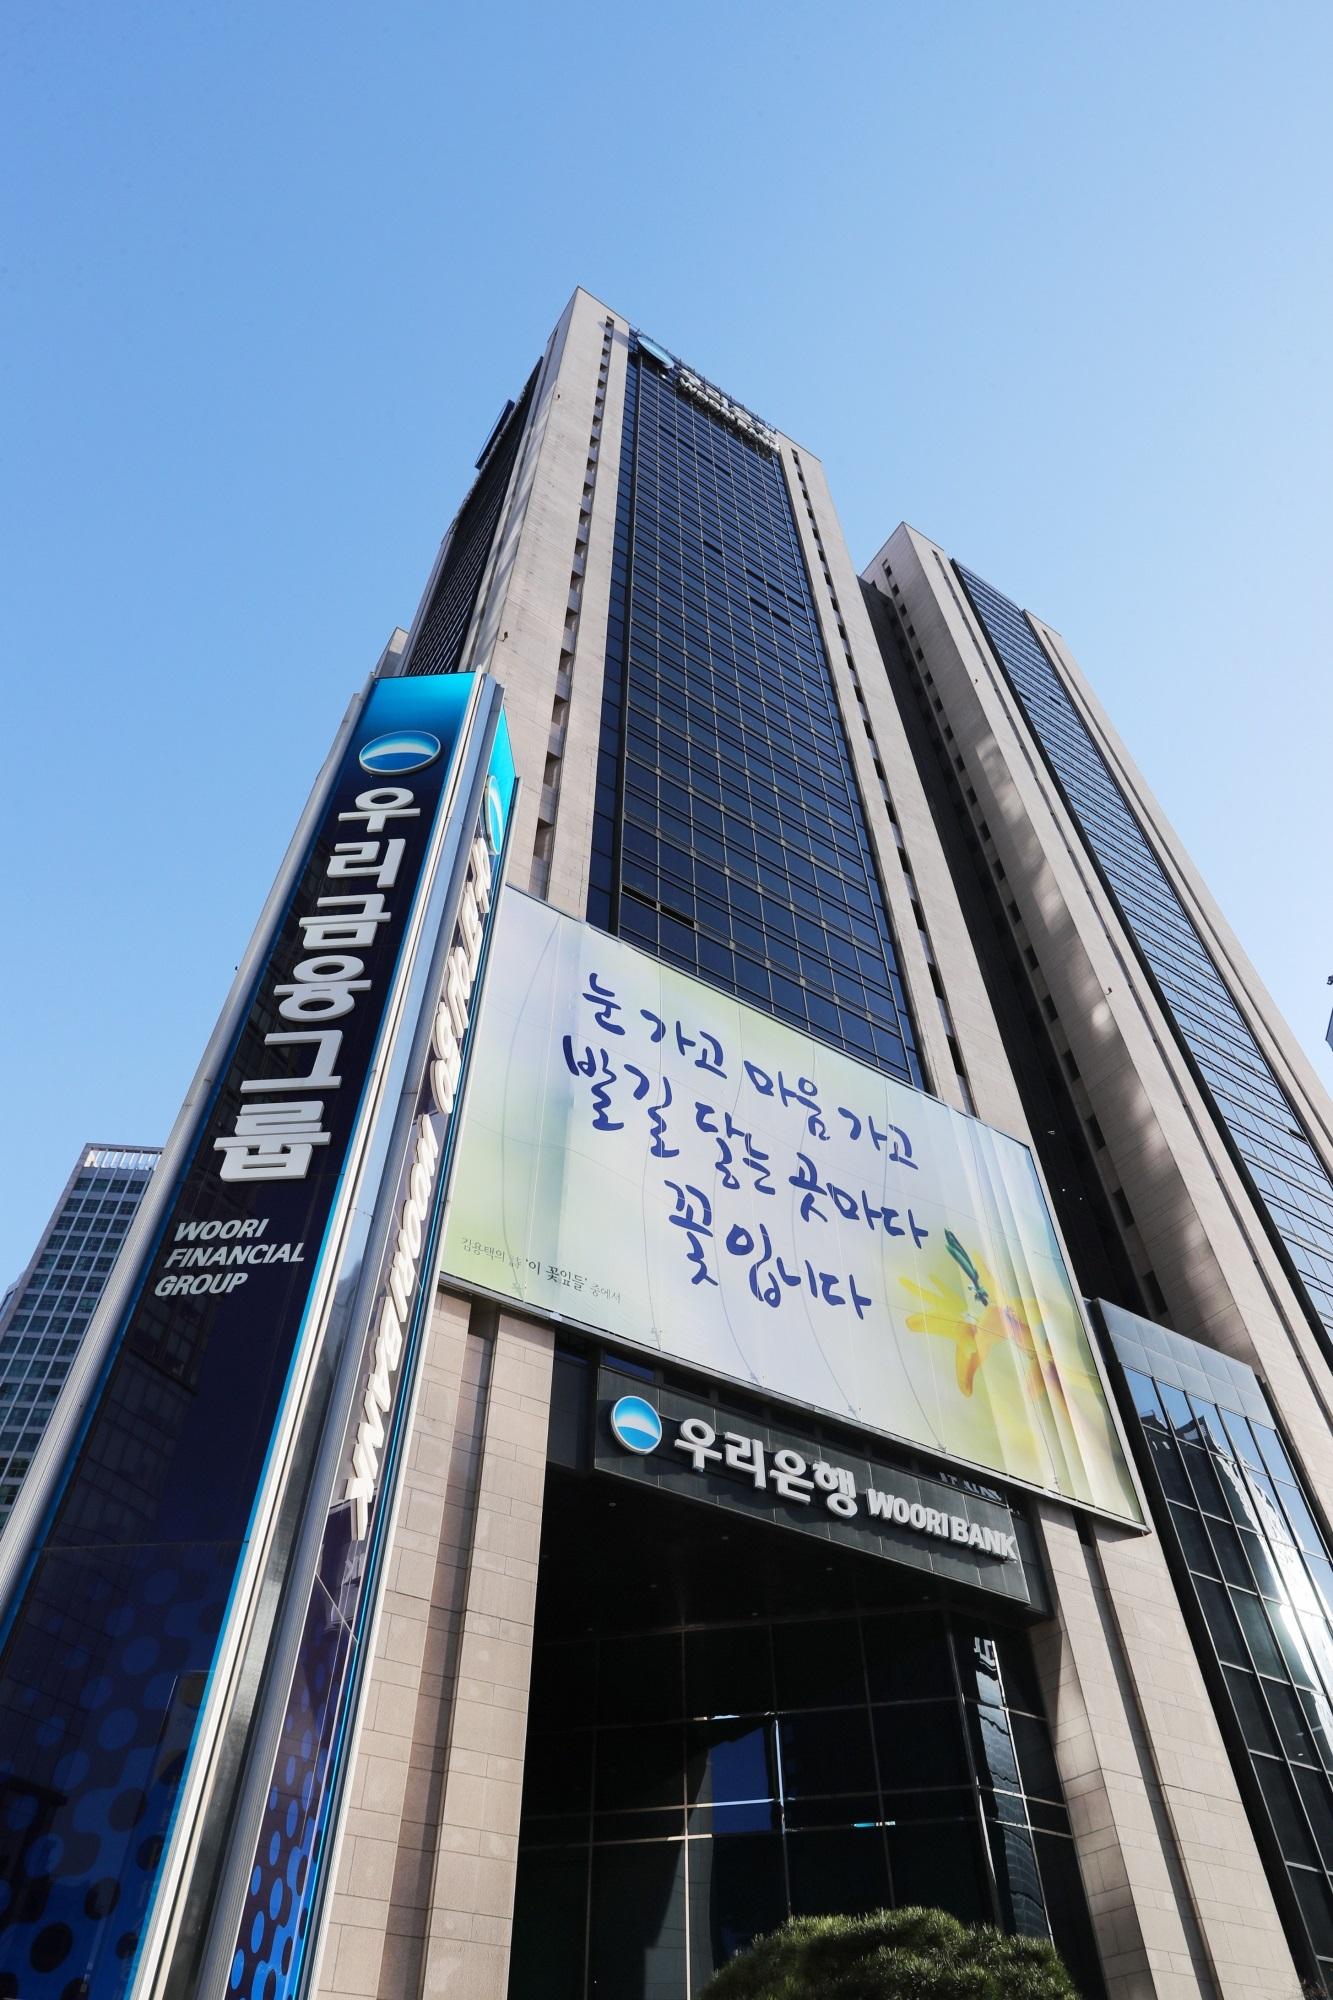 우리은행-우리카드, 그룹 통합결제 플랫폼 구축해 시장 경쟁력 강화